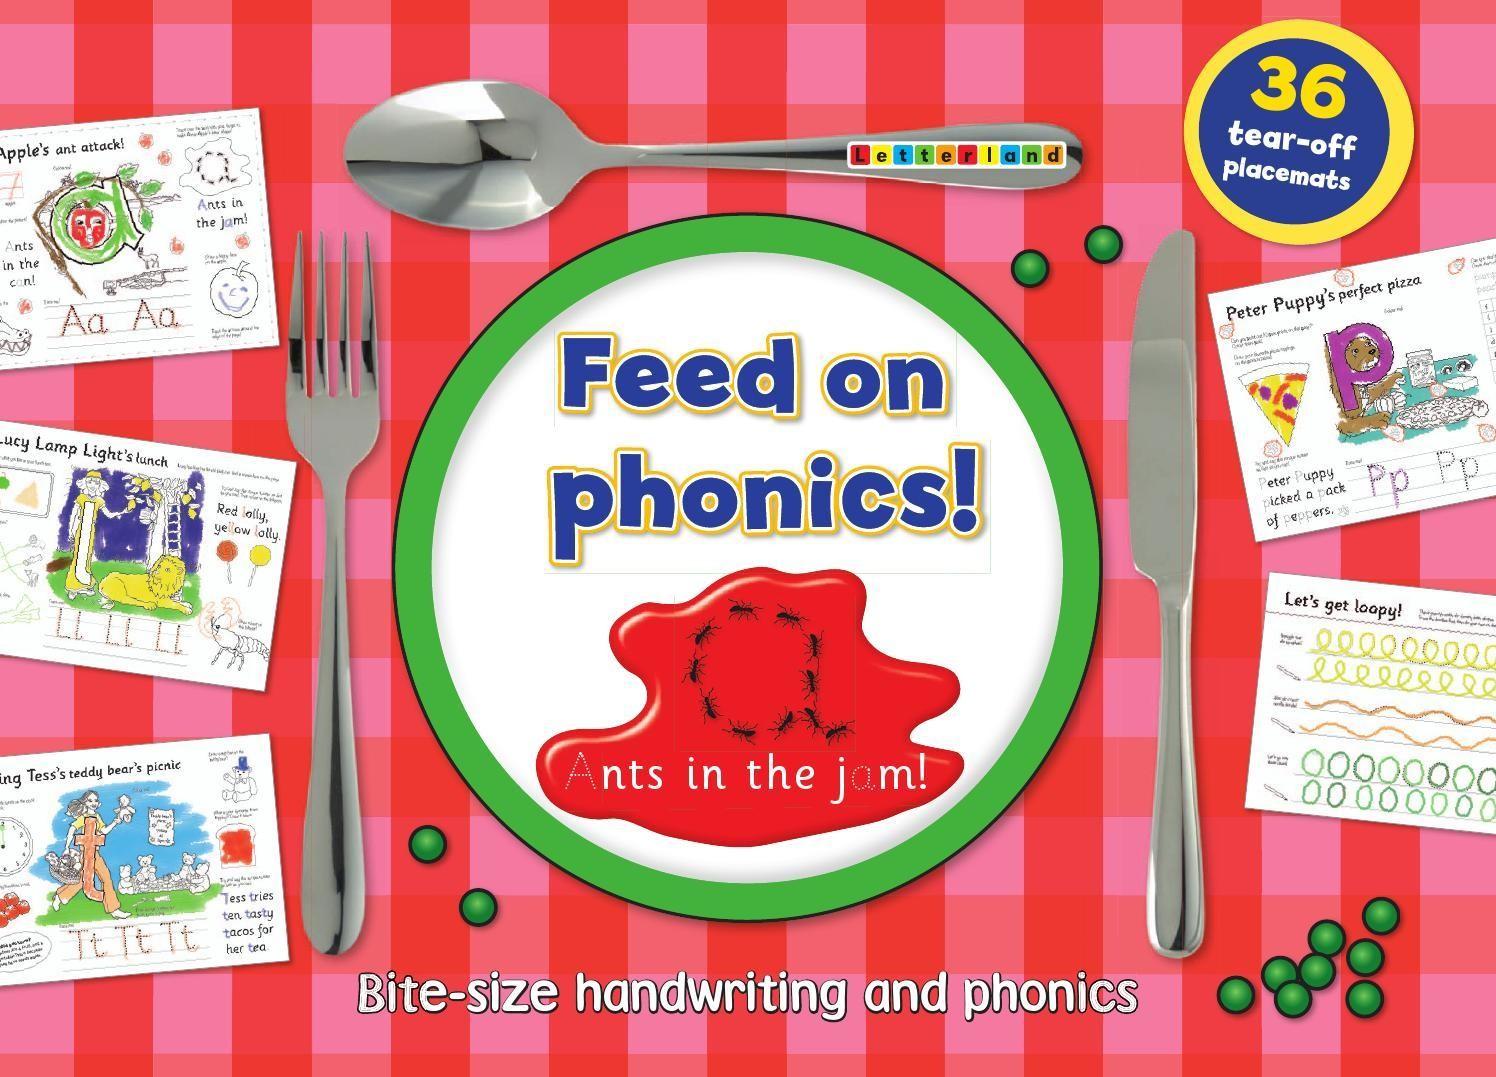 Feed on Phonics!